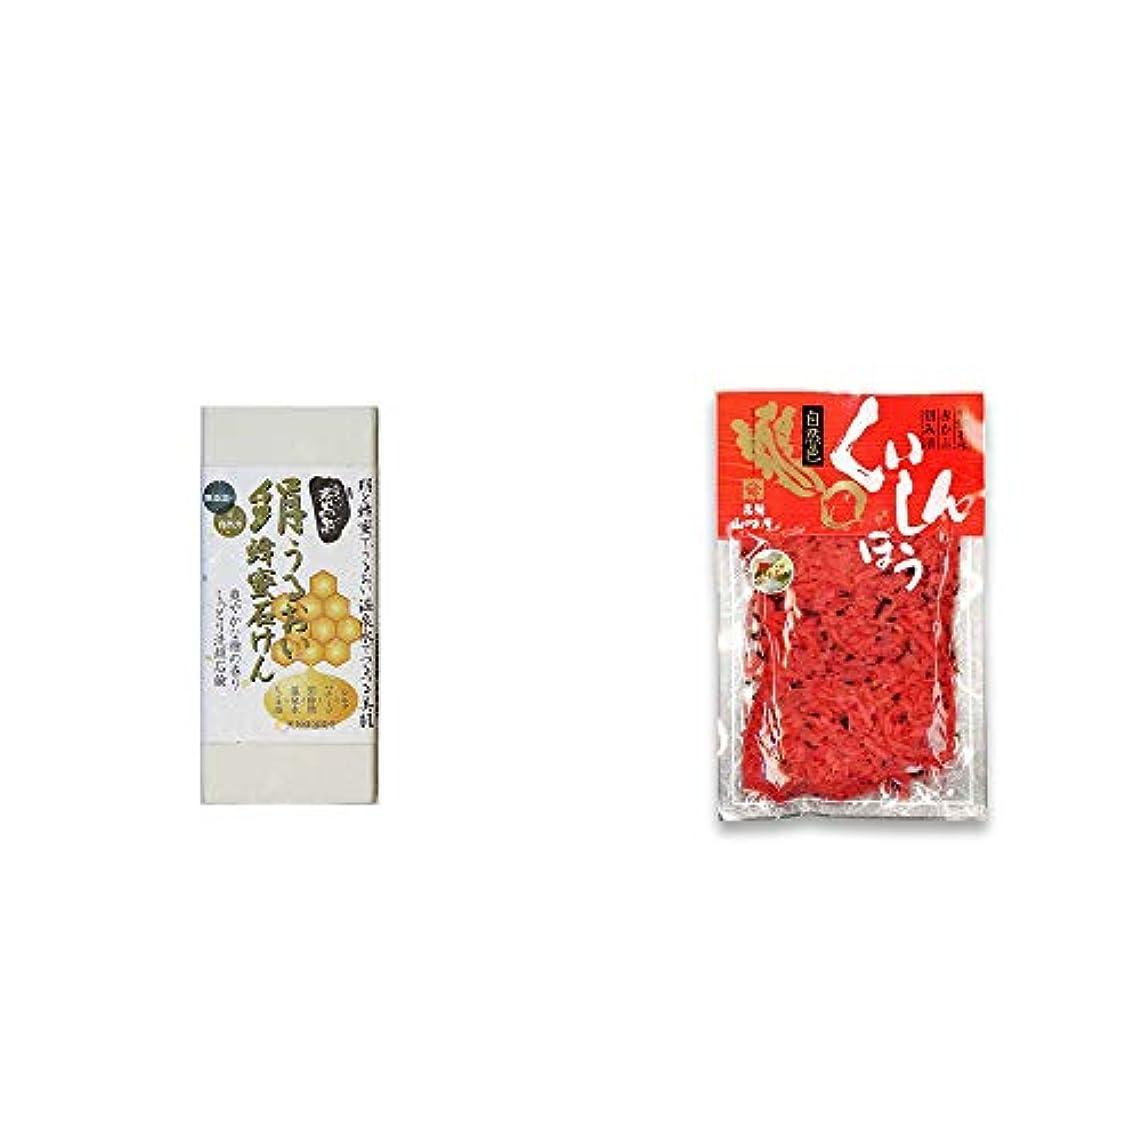 揺れる適用済み濃度[2点セット] ひのき炭黒泉 絹うるおい蜂蜜石けん(75g×2)?飛騨山味屋 くいしんぼう【小】 (160g)